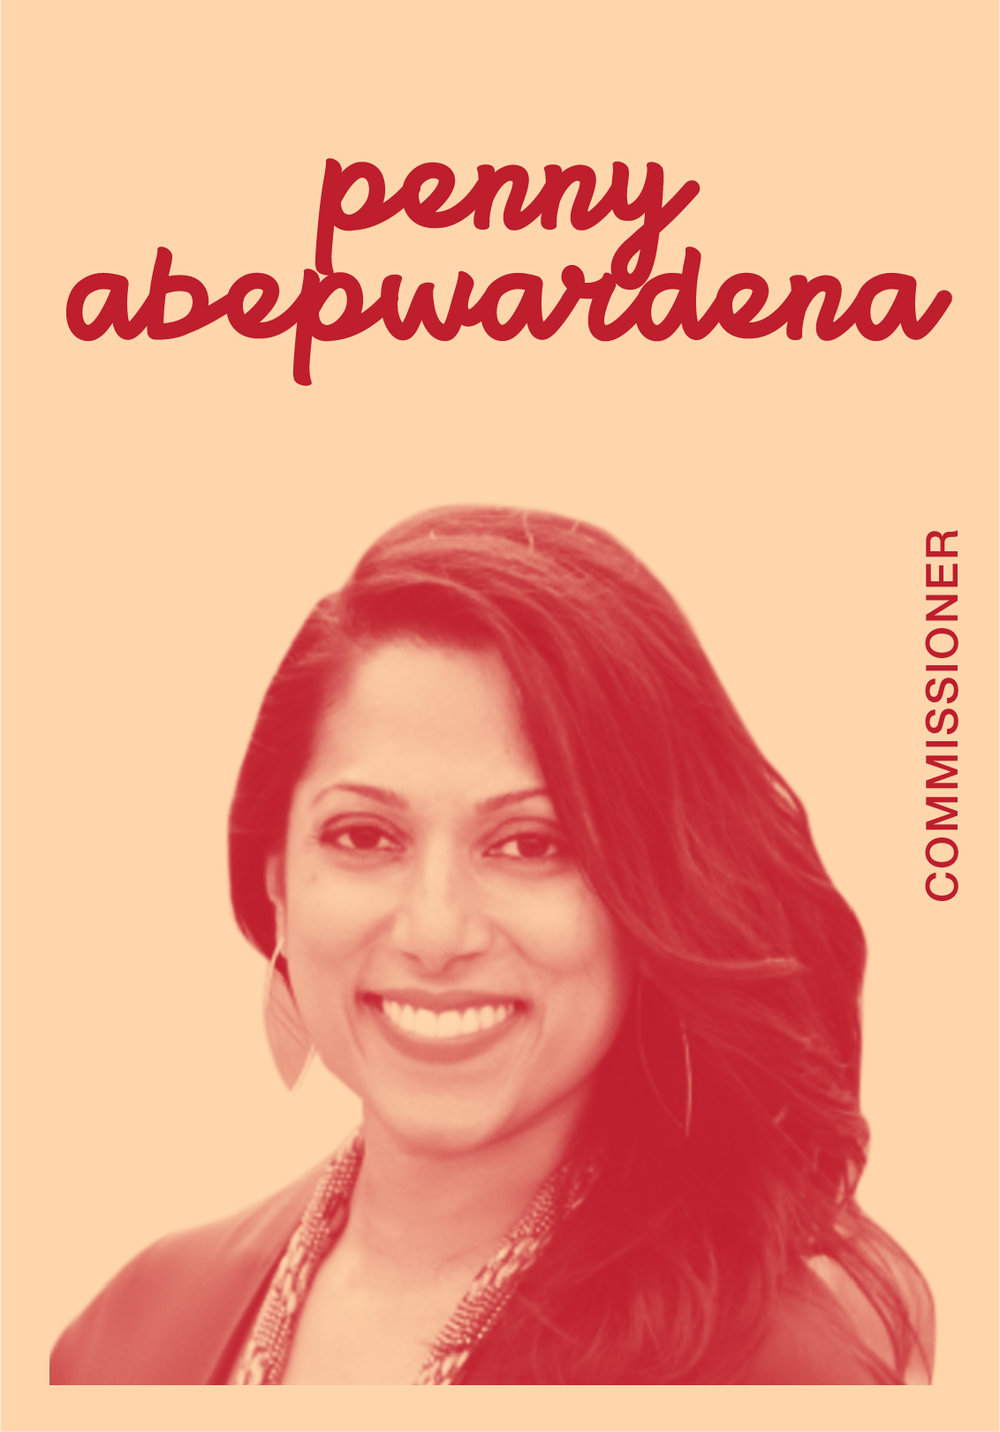 Penny Abeywardena   @PABEPWARDENA   IG: PABEPWARDENA